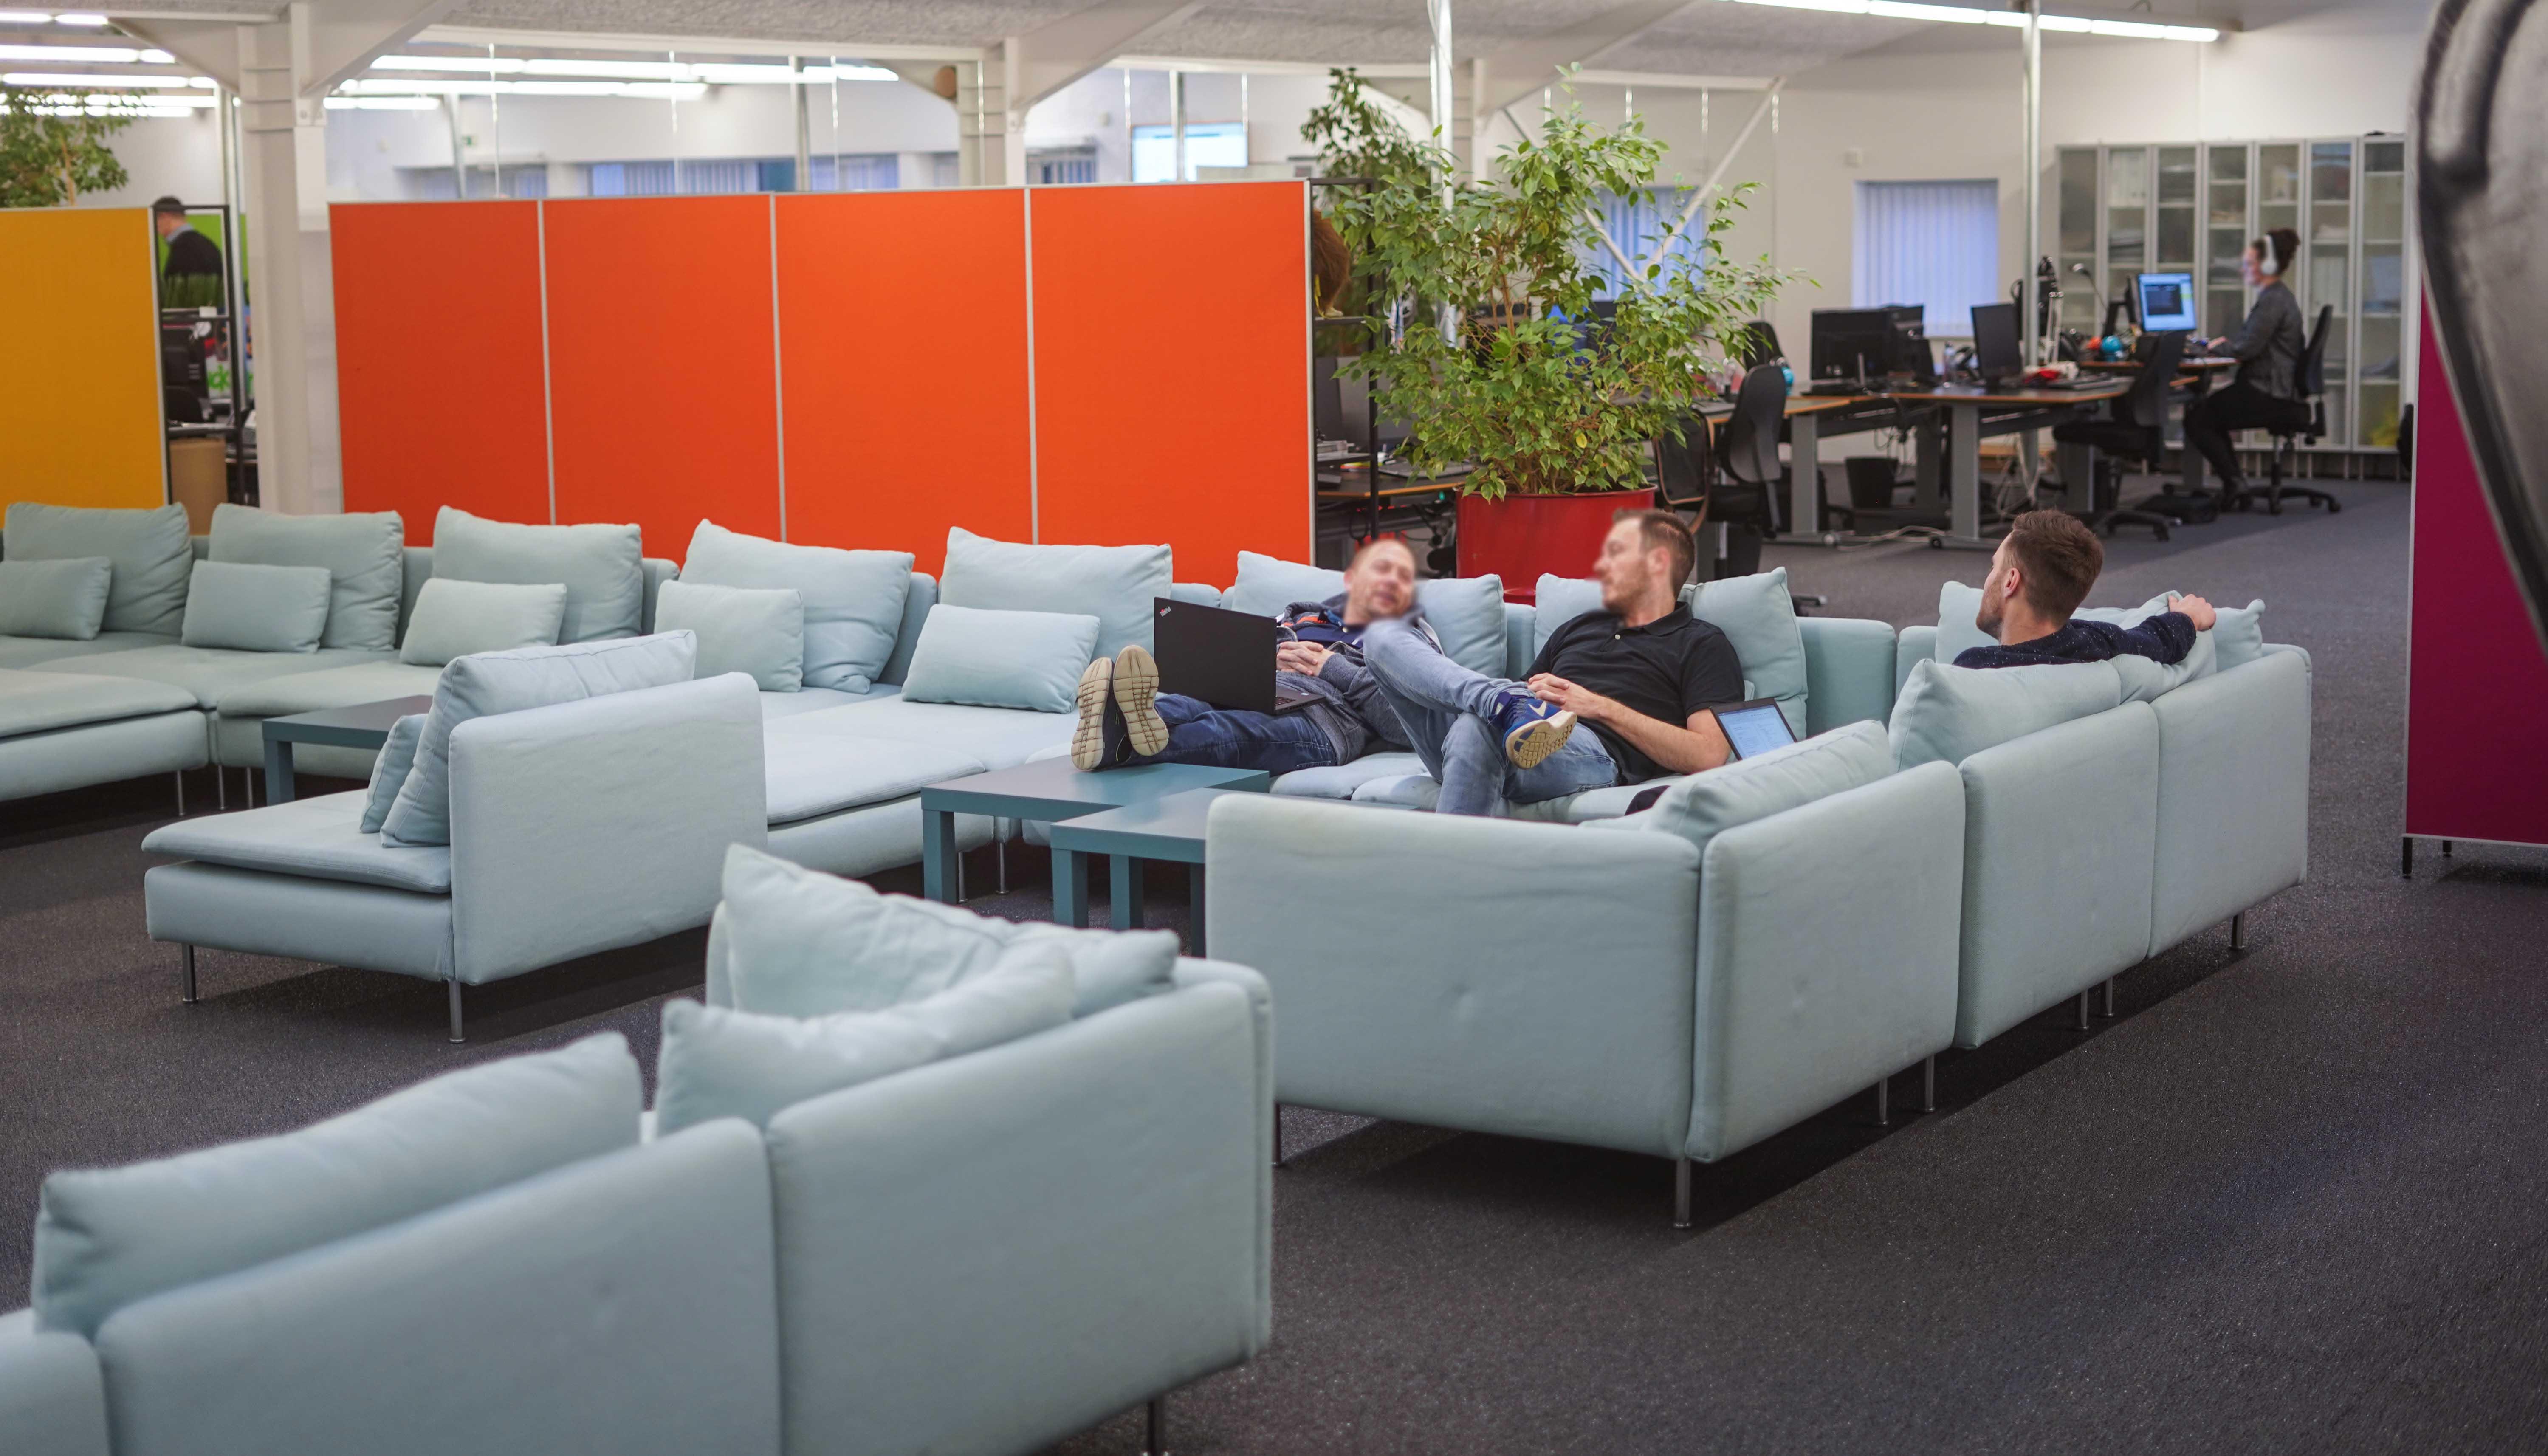 Kåret som årets arbejdsplads i Aalborg: JCD udvider og søger mange nye medarbejdere